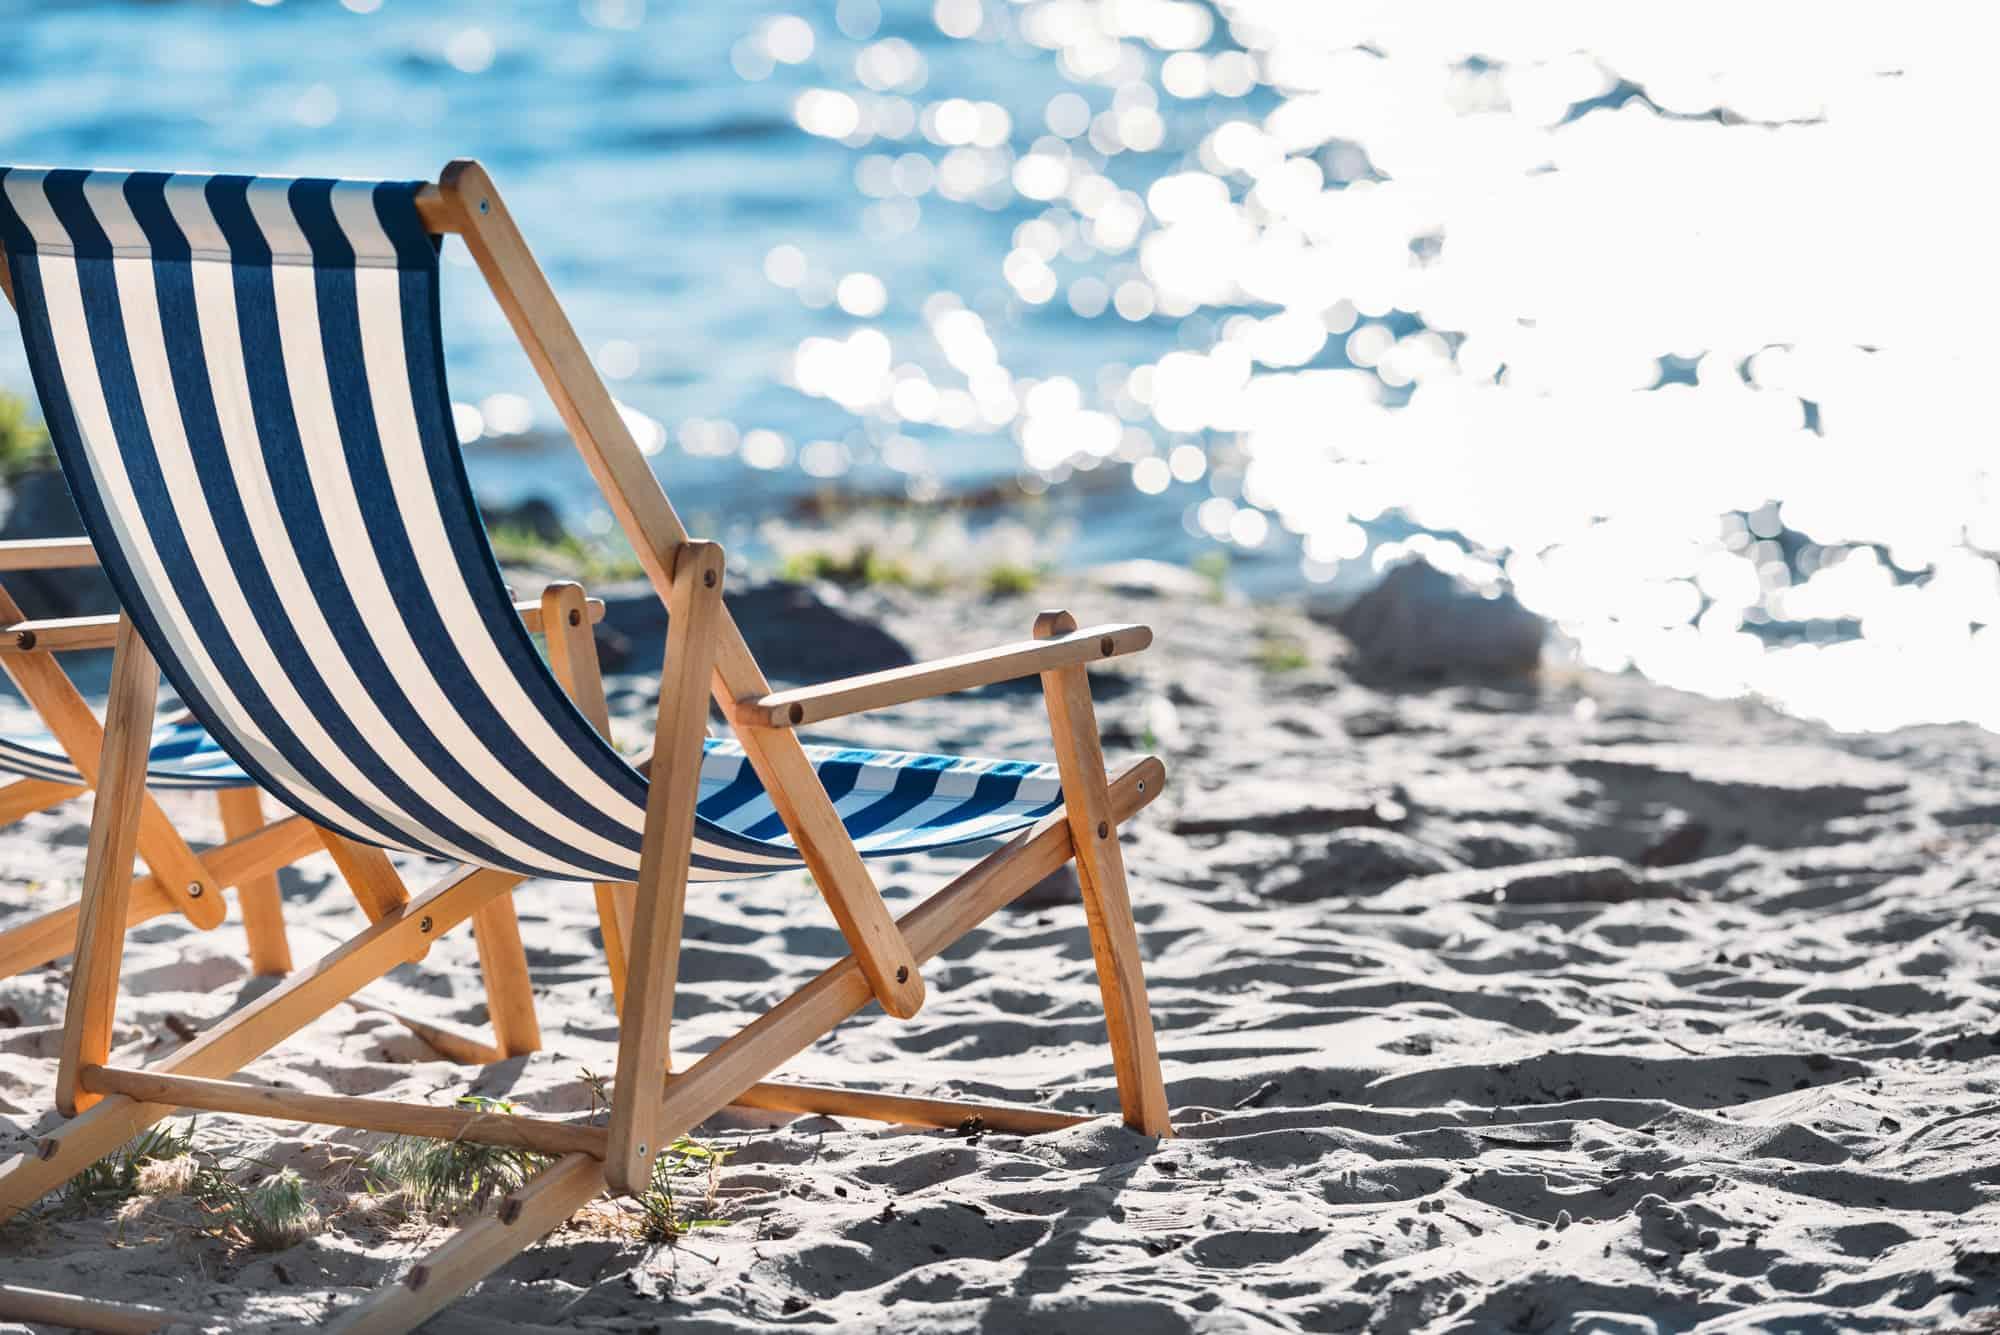 Strandstol - nyd udsigten